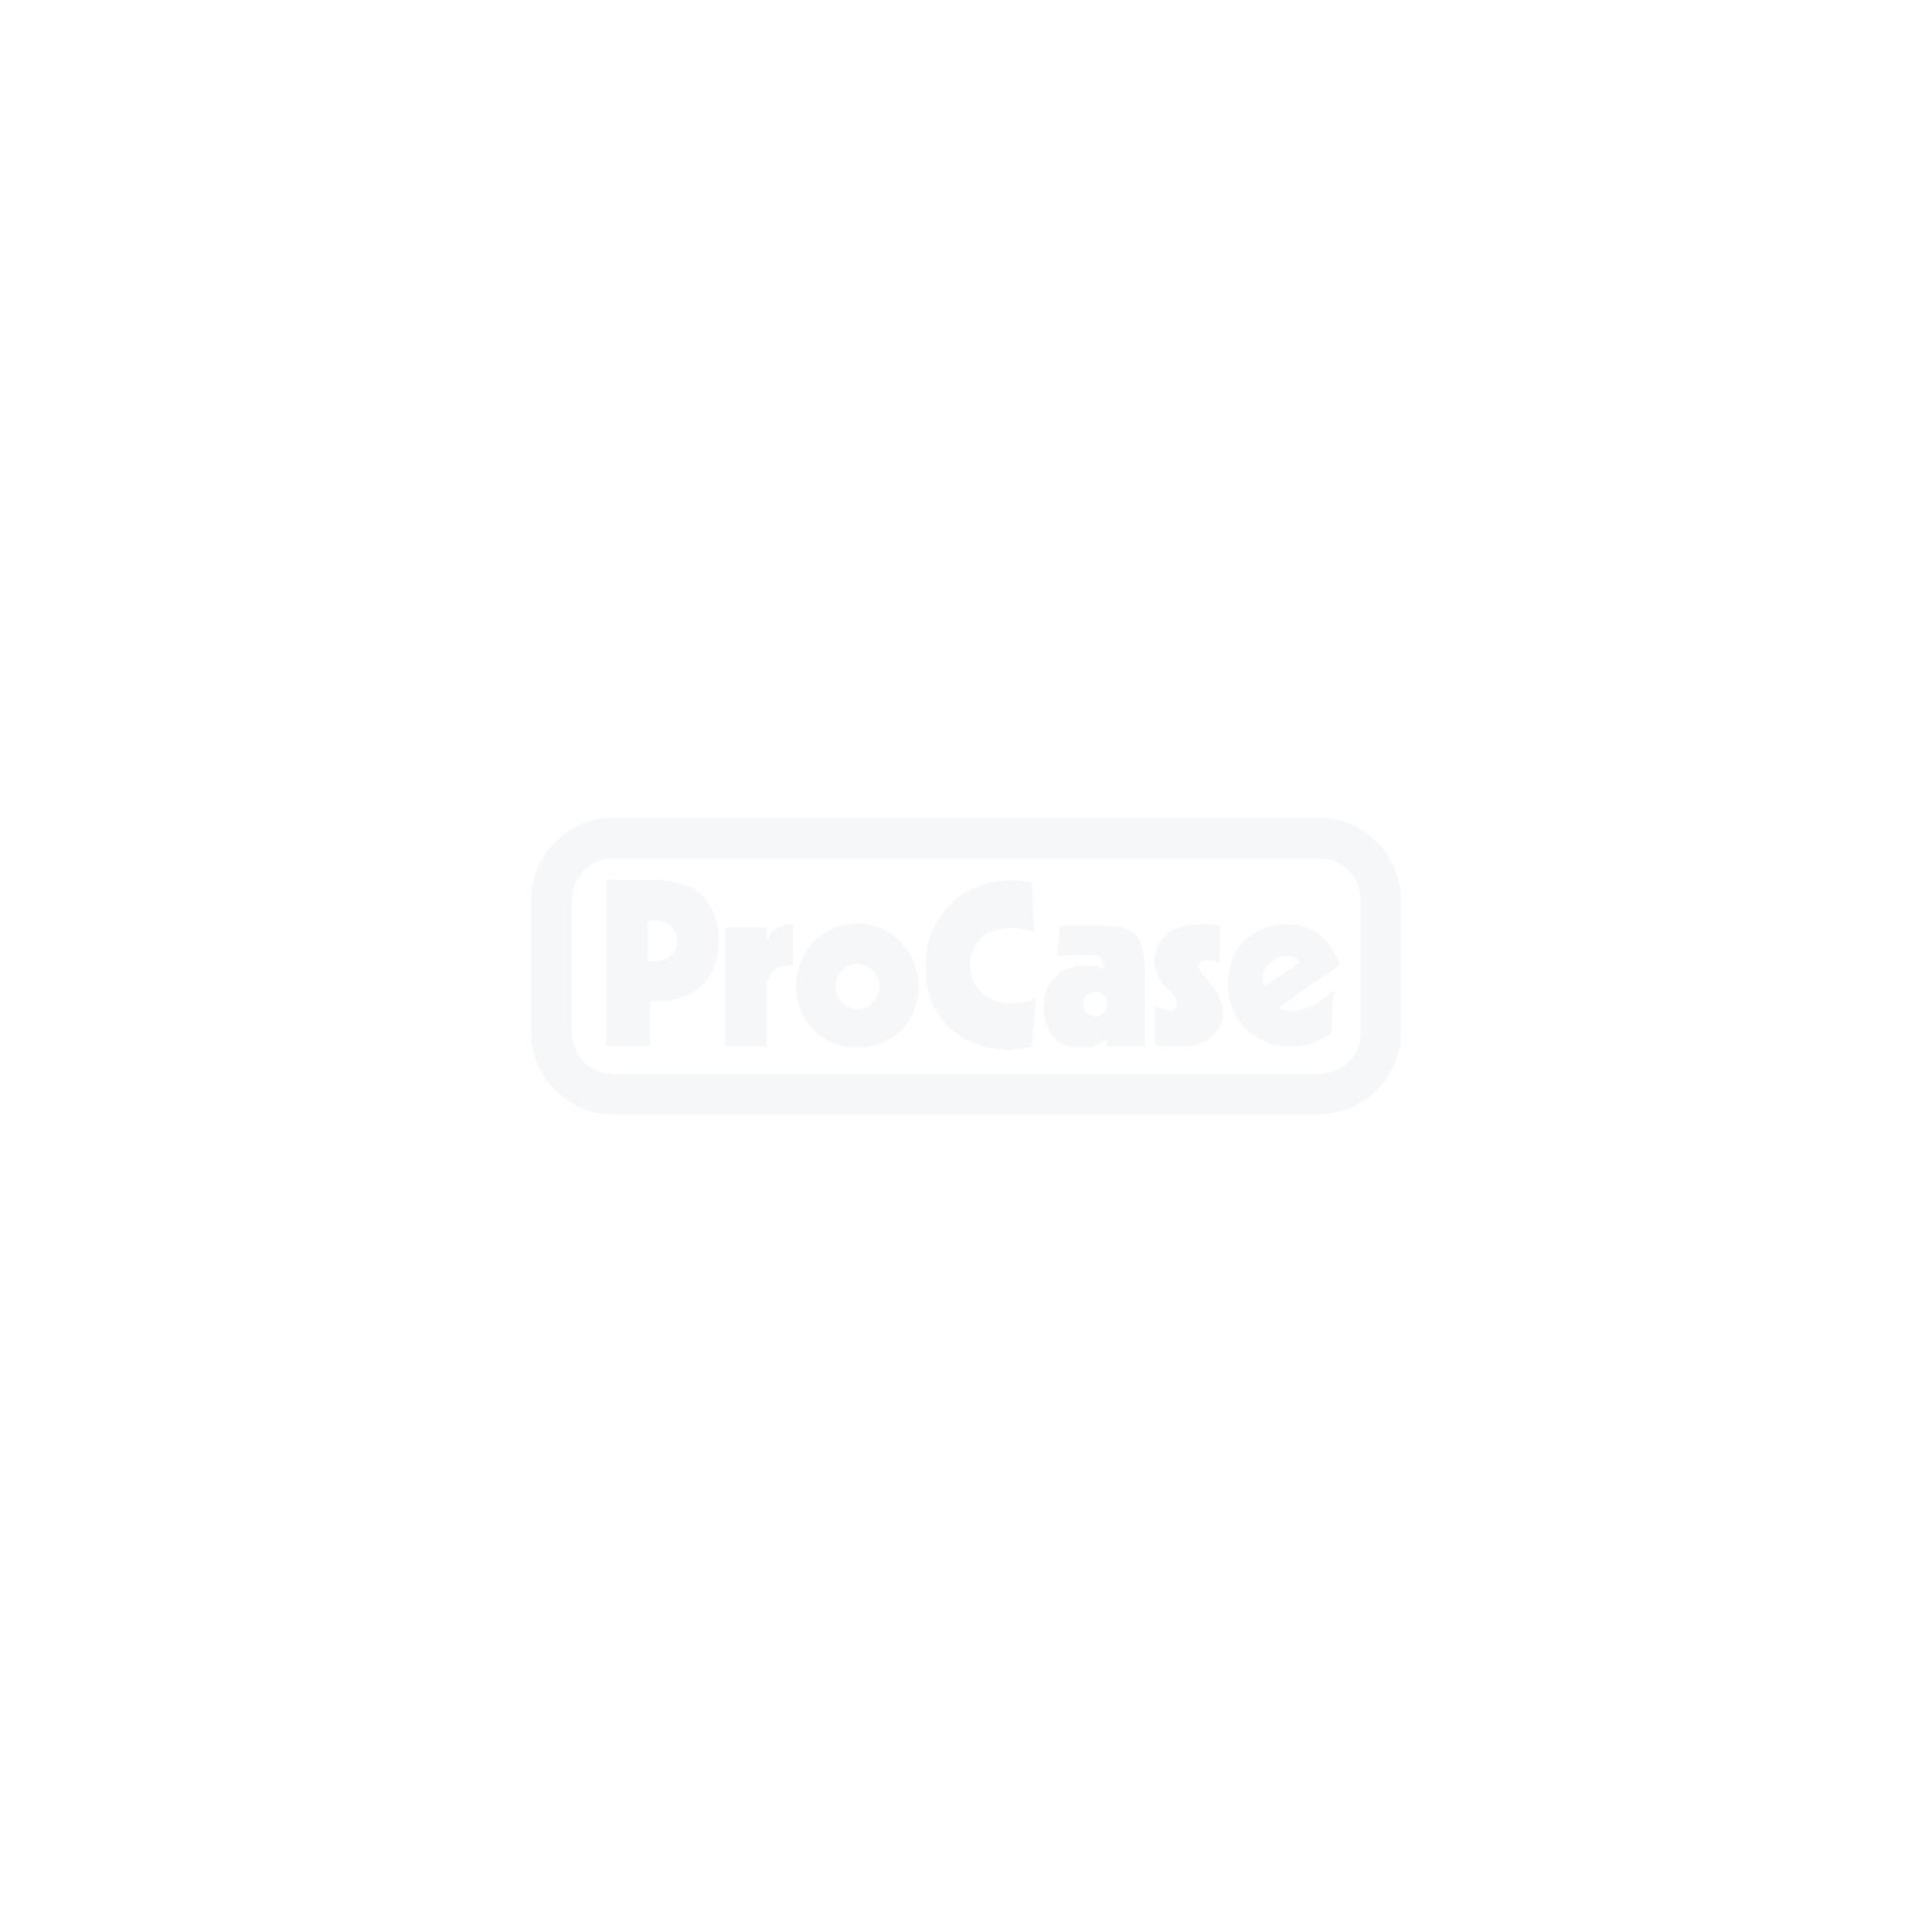 Flightcase für Vari-Lite VL1000/1100 Etagencase Mittelteil